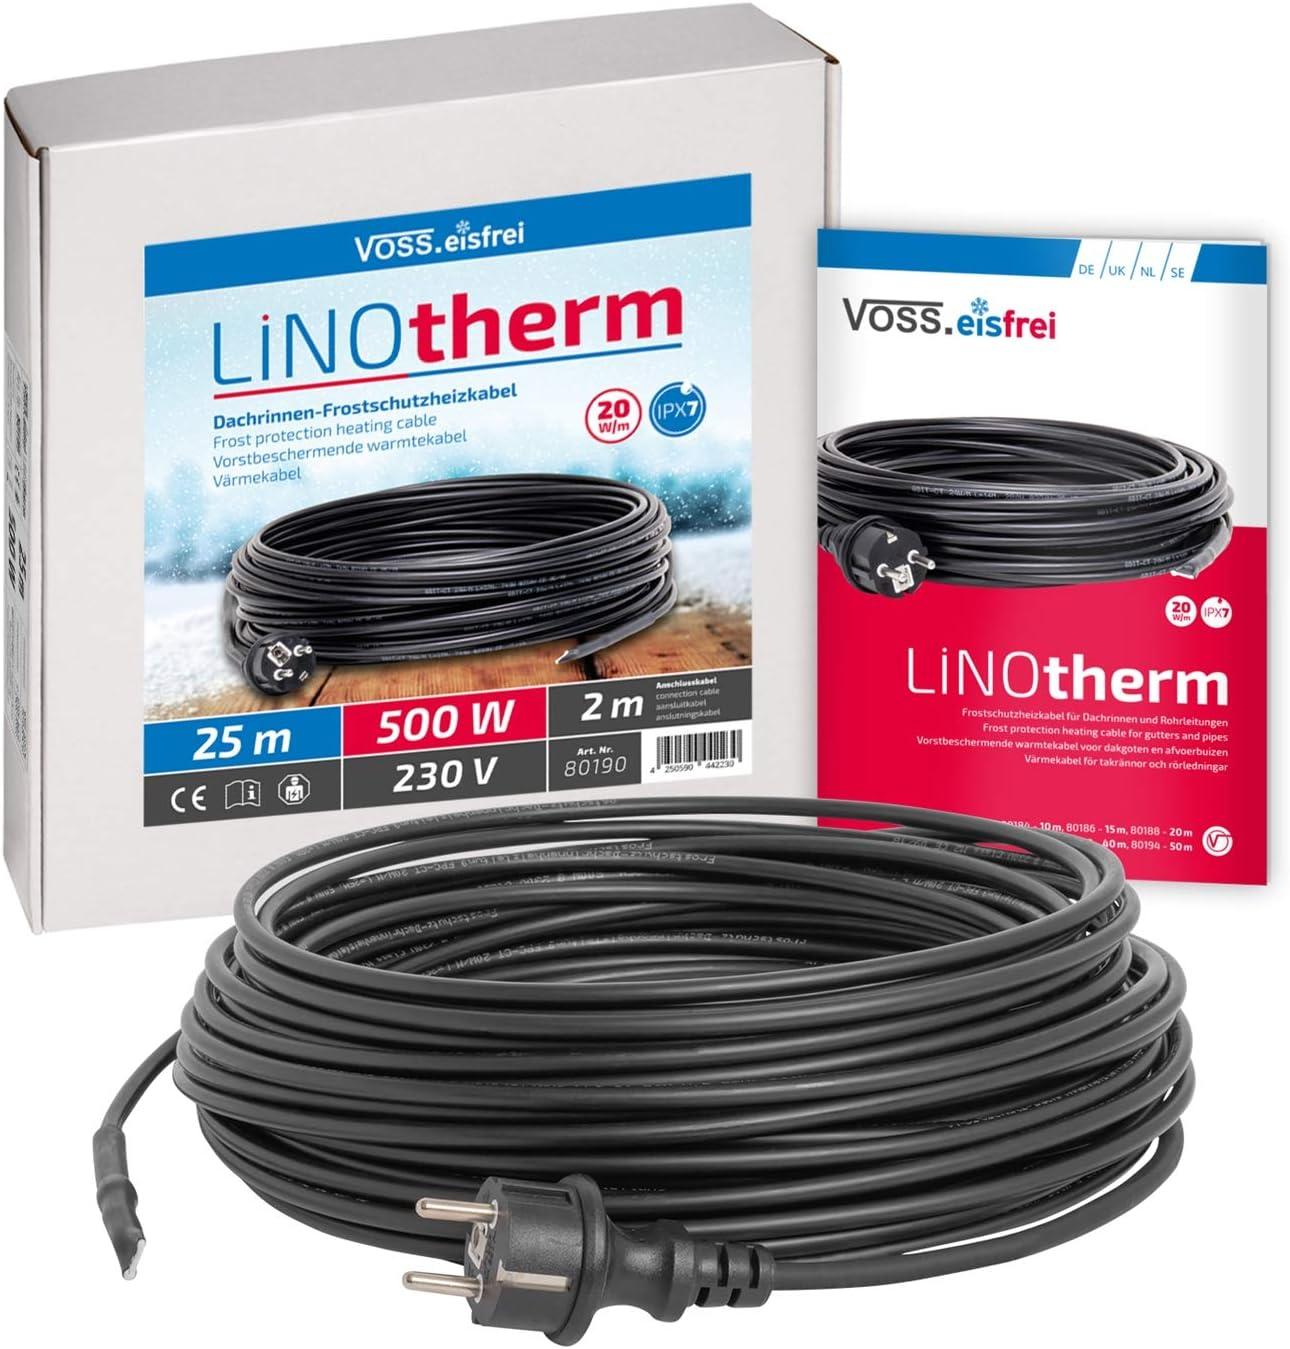 Heizkabel Linotherm 25 Meter lang, besonders hohe Heizleistung, VOSS.eisfrei Frostschutz für Dachrinnen und Wasserleitungen, Frostschutzkabel…